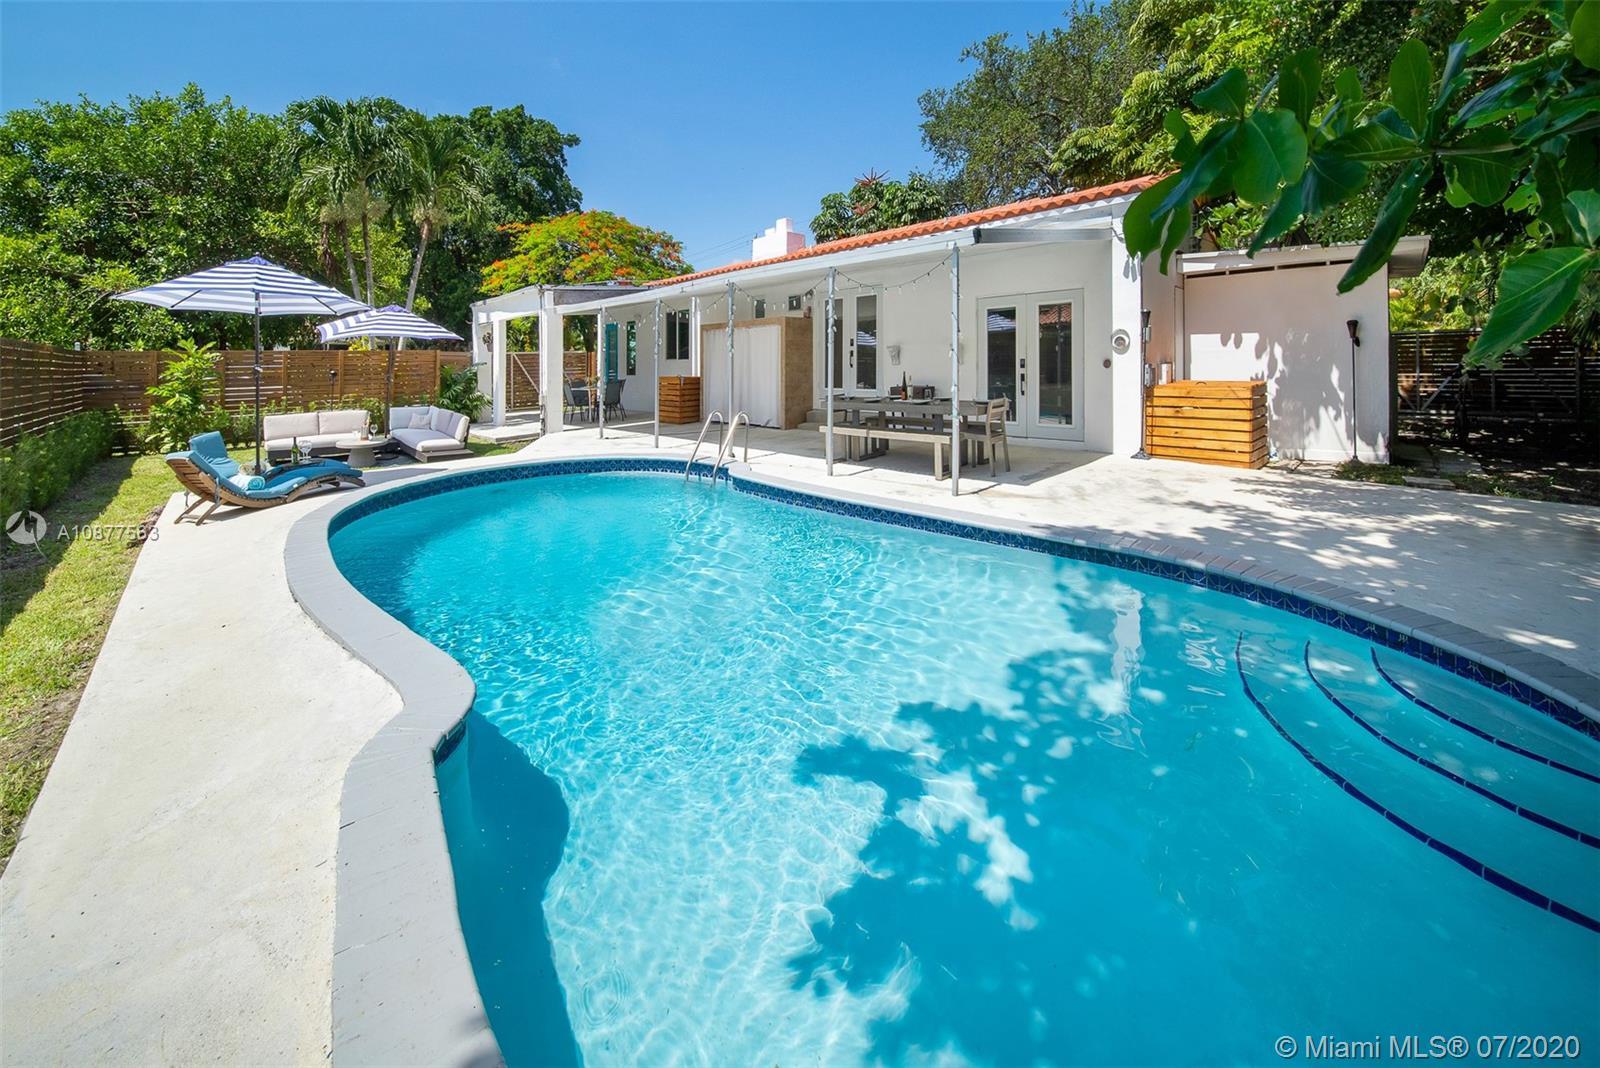 Shore Crest - 1001 NE 82nd Ter, Miami, FL 33138